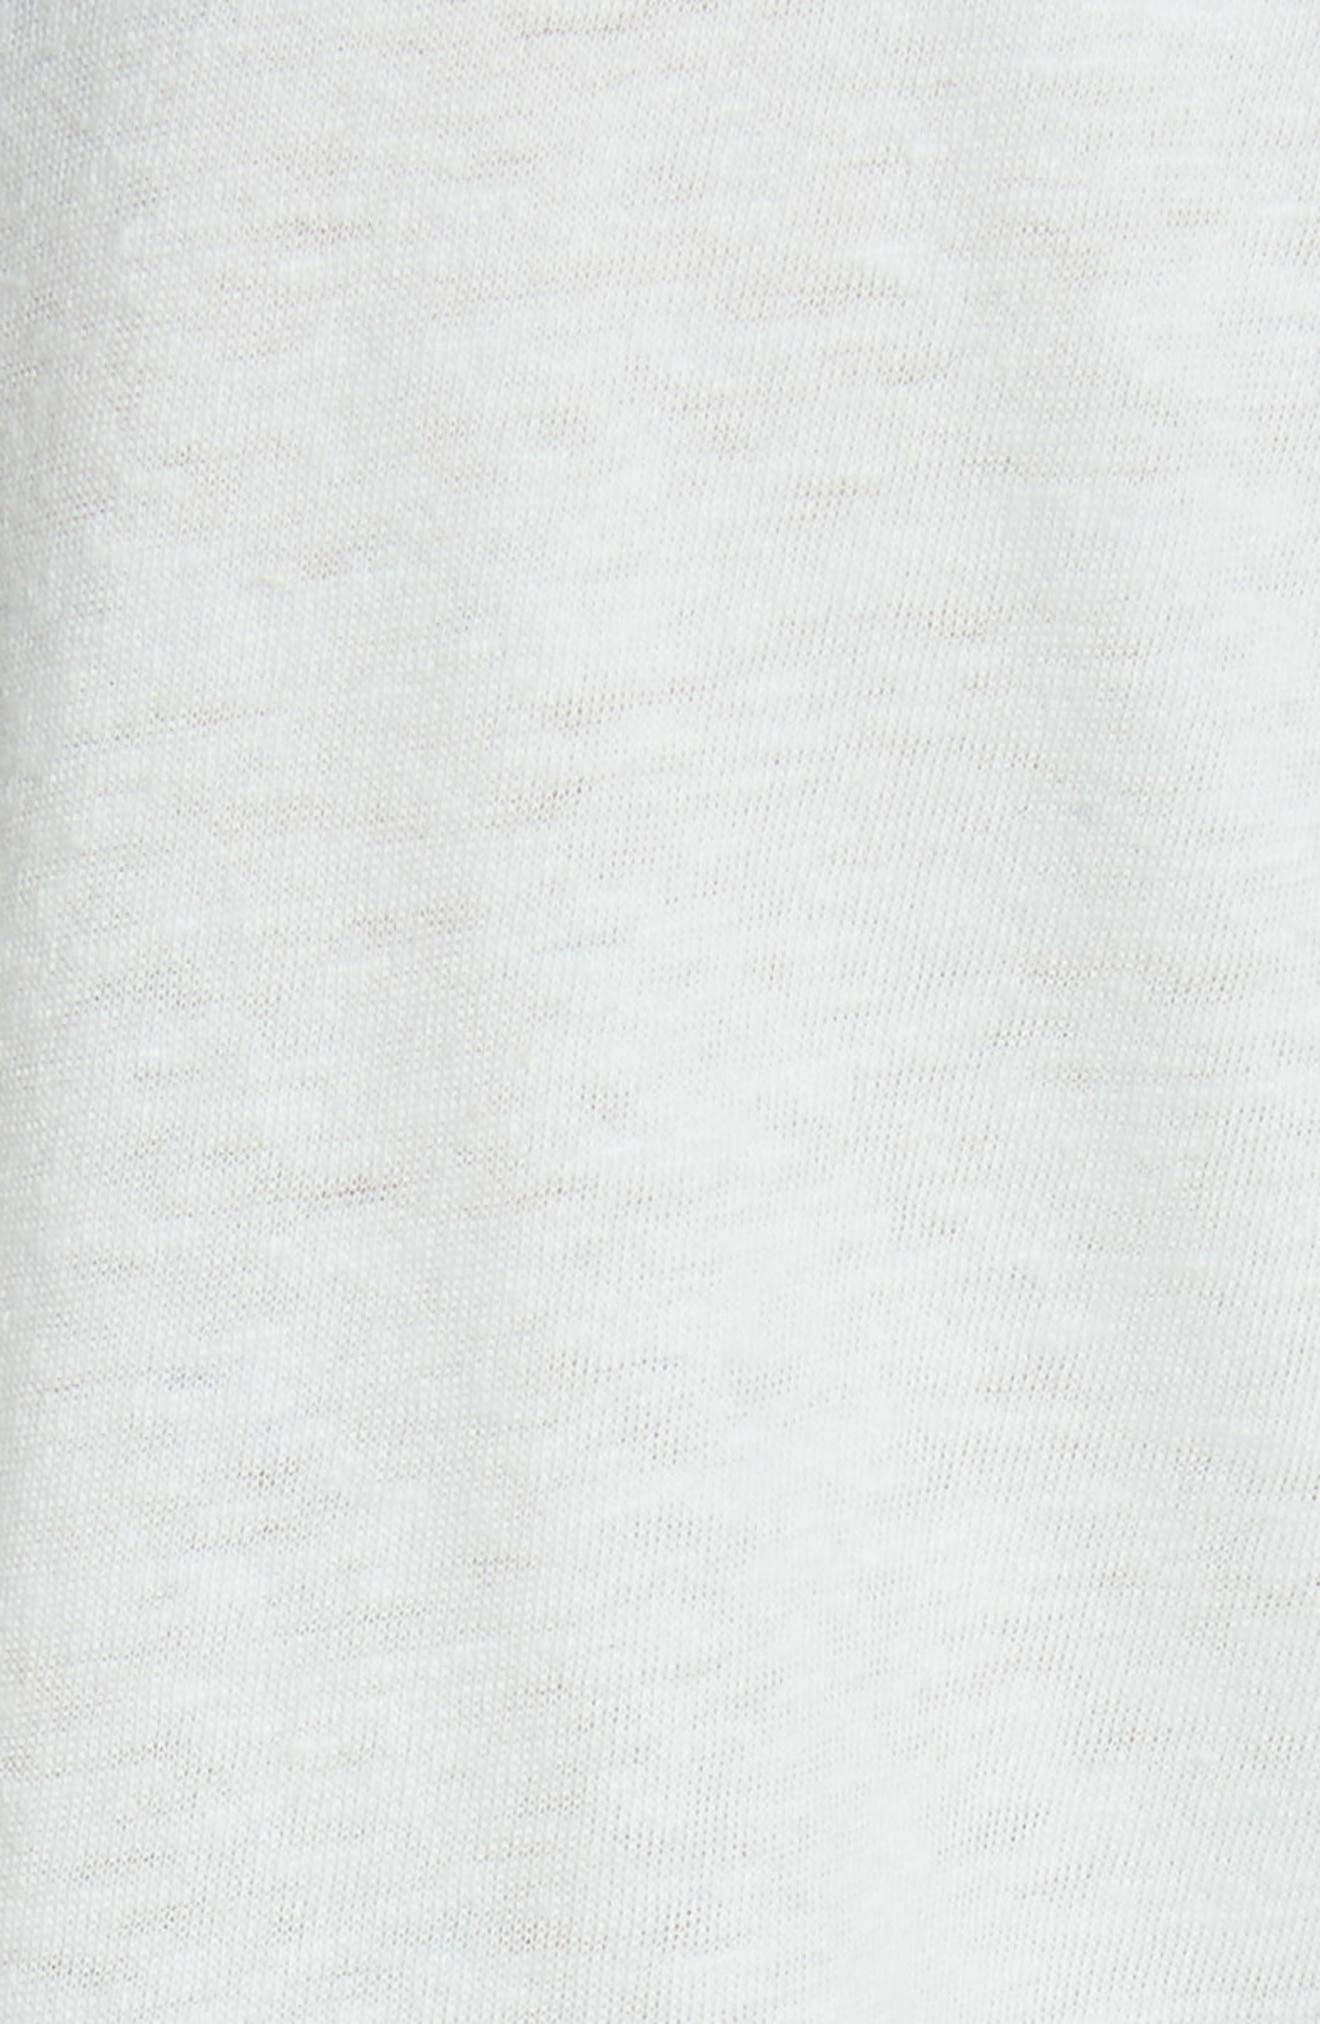 Flutter Sleeve Tee,                             Alternate thumbnail 5, color,                             457